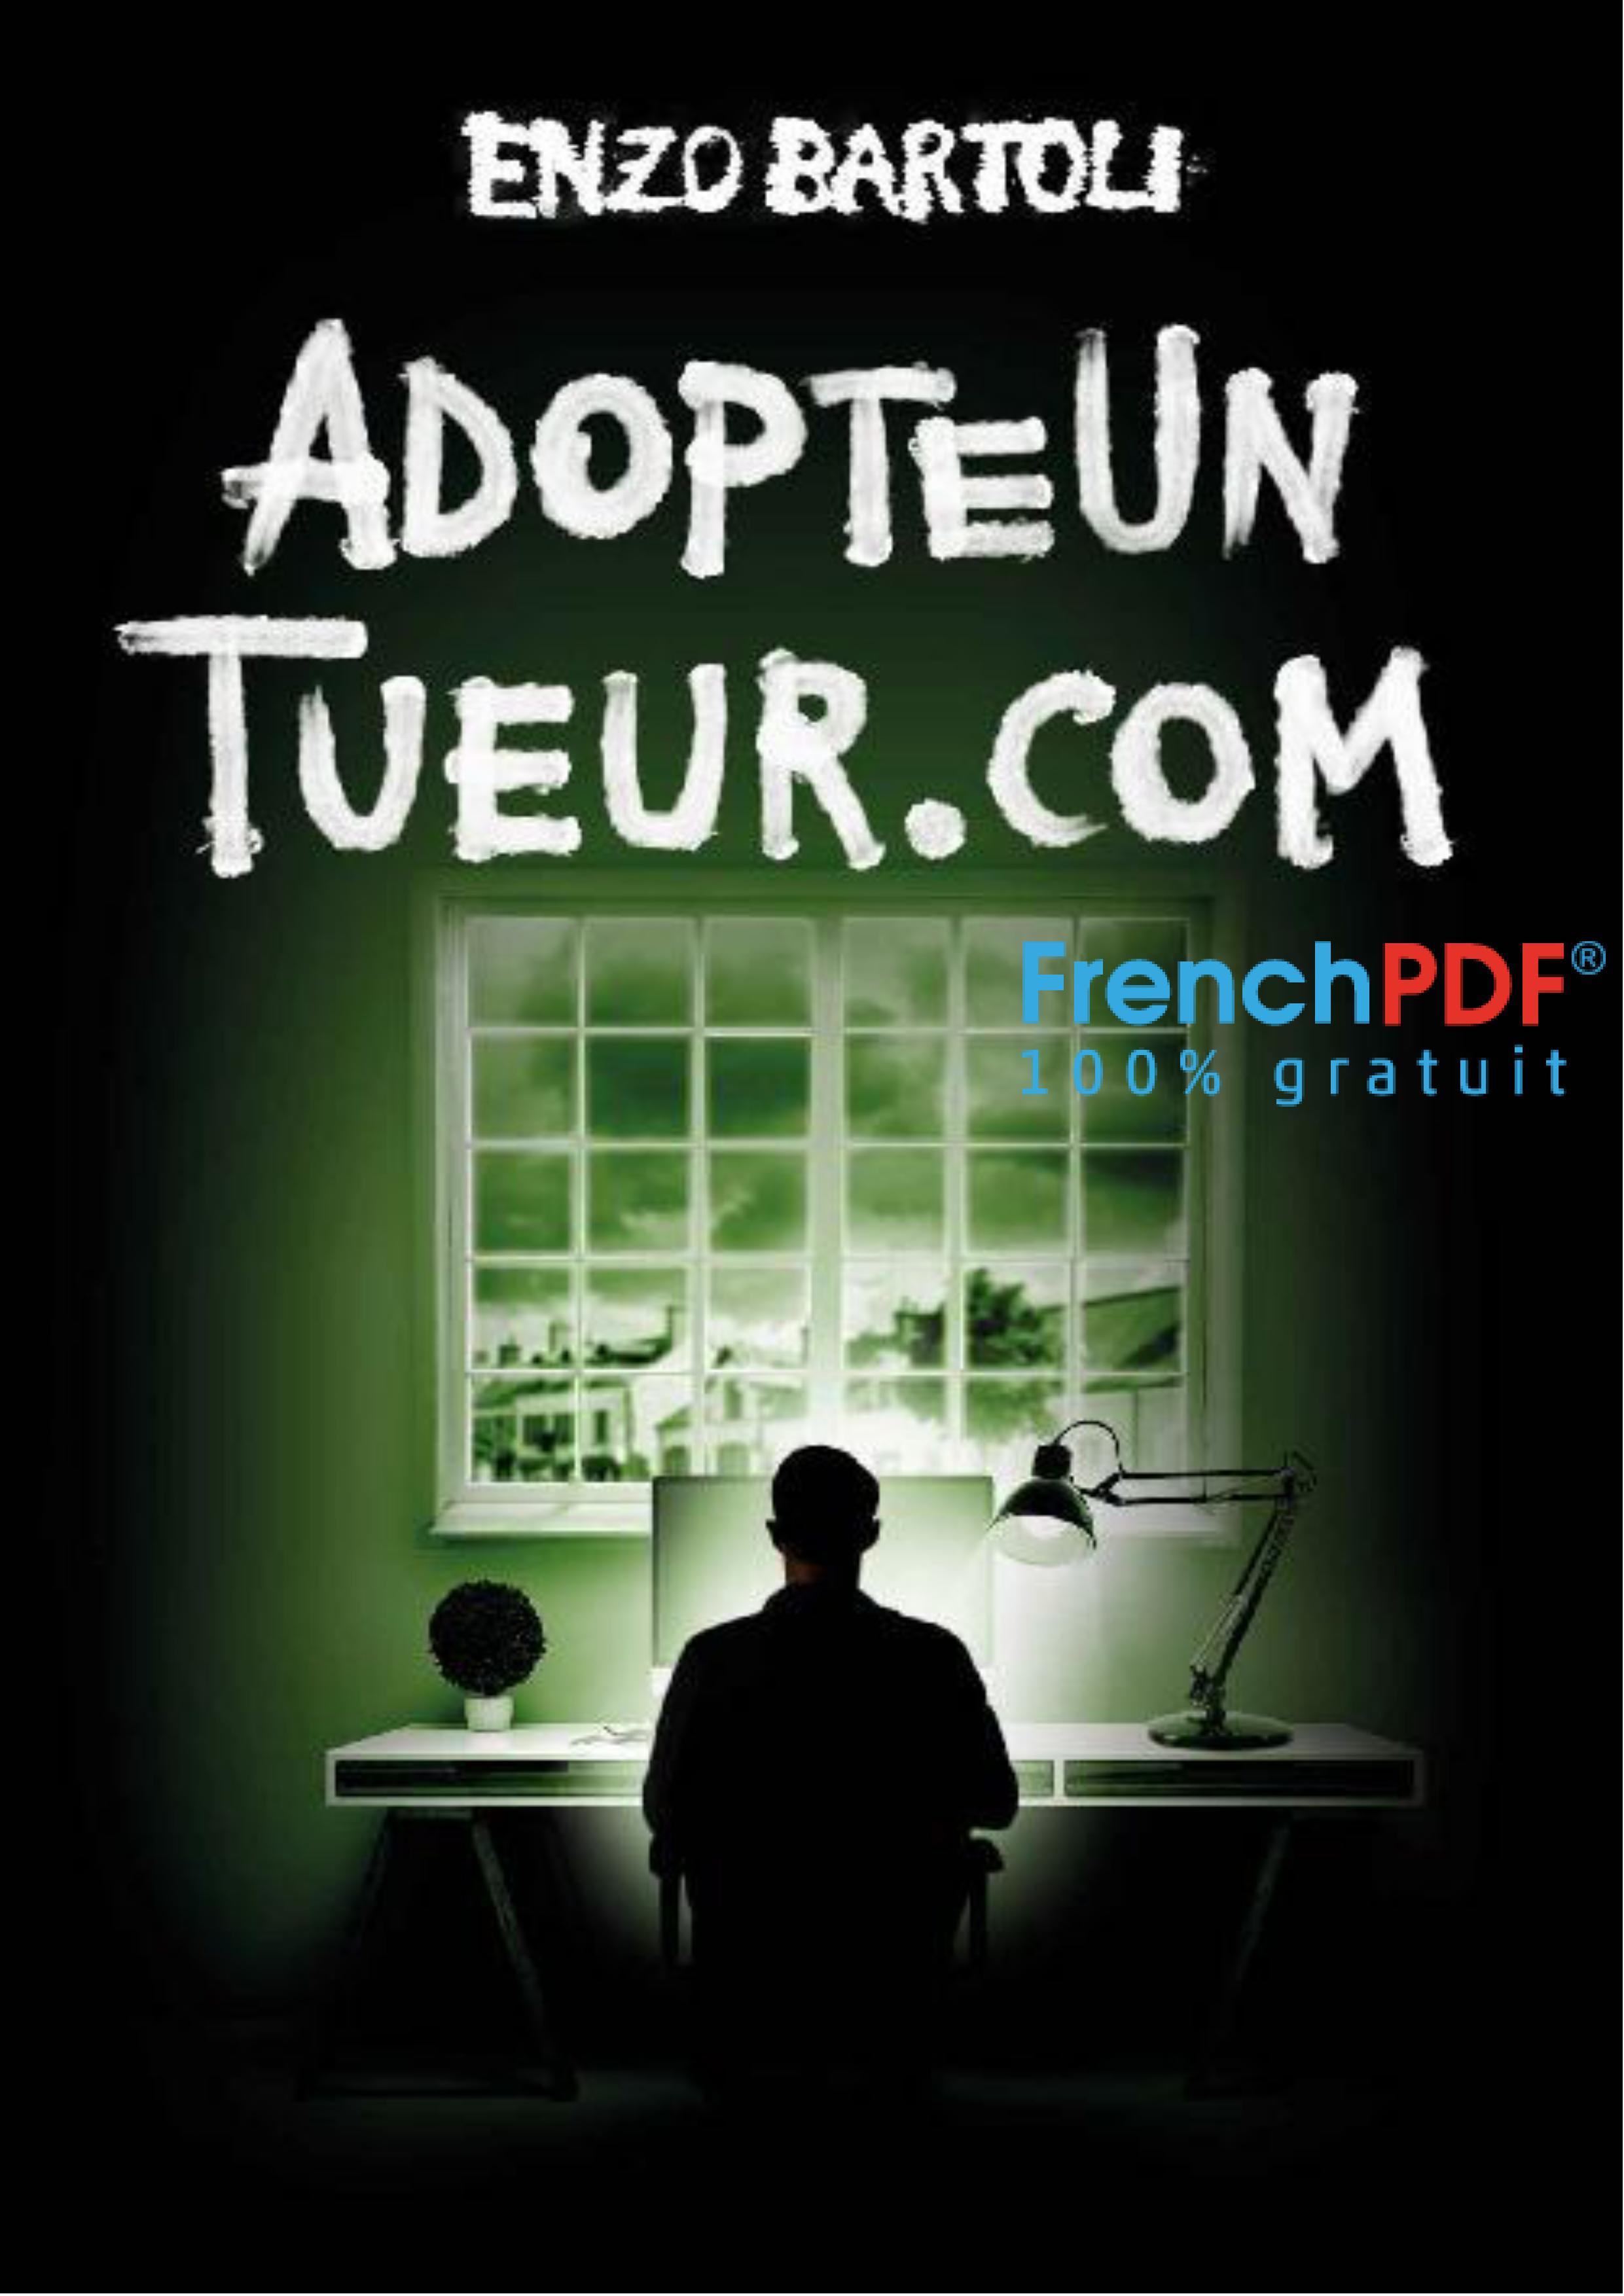 AdopteUnTueur.com - Enzo Bartoli - FrenchPDF.com